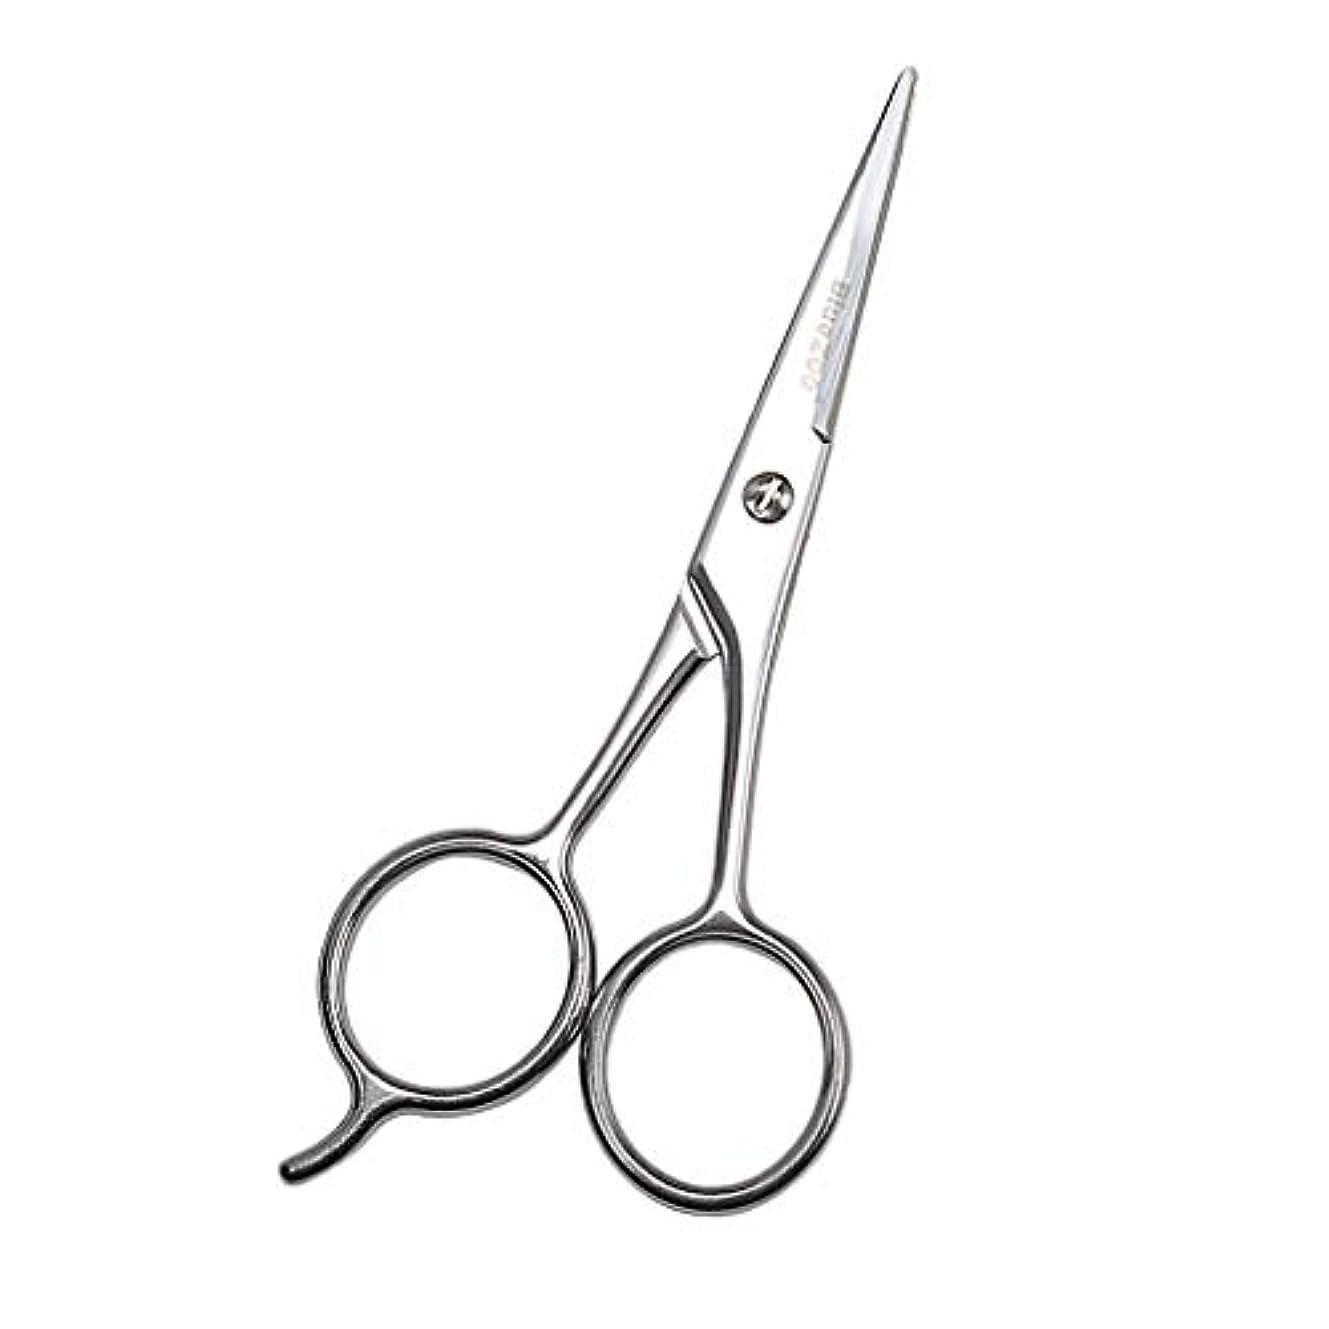 アームストロング買い物に行くジョイント小型ハサミ シザー 美容鋏 ステンレス 眉毛 鼻毛 まつげ 鋭い シルバー 13cm